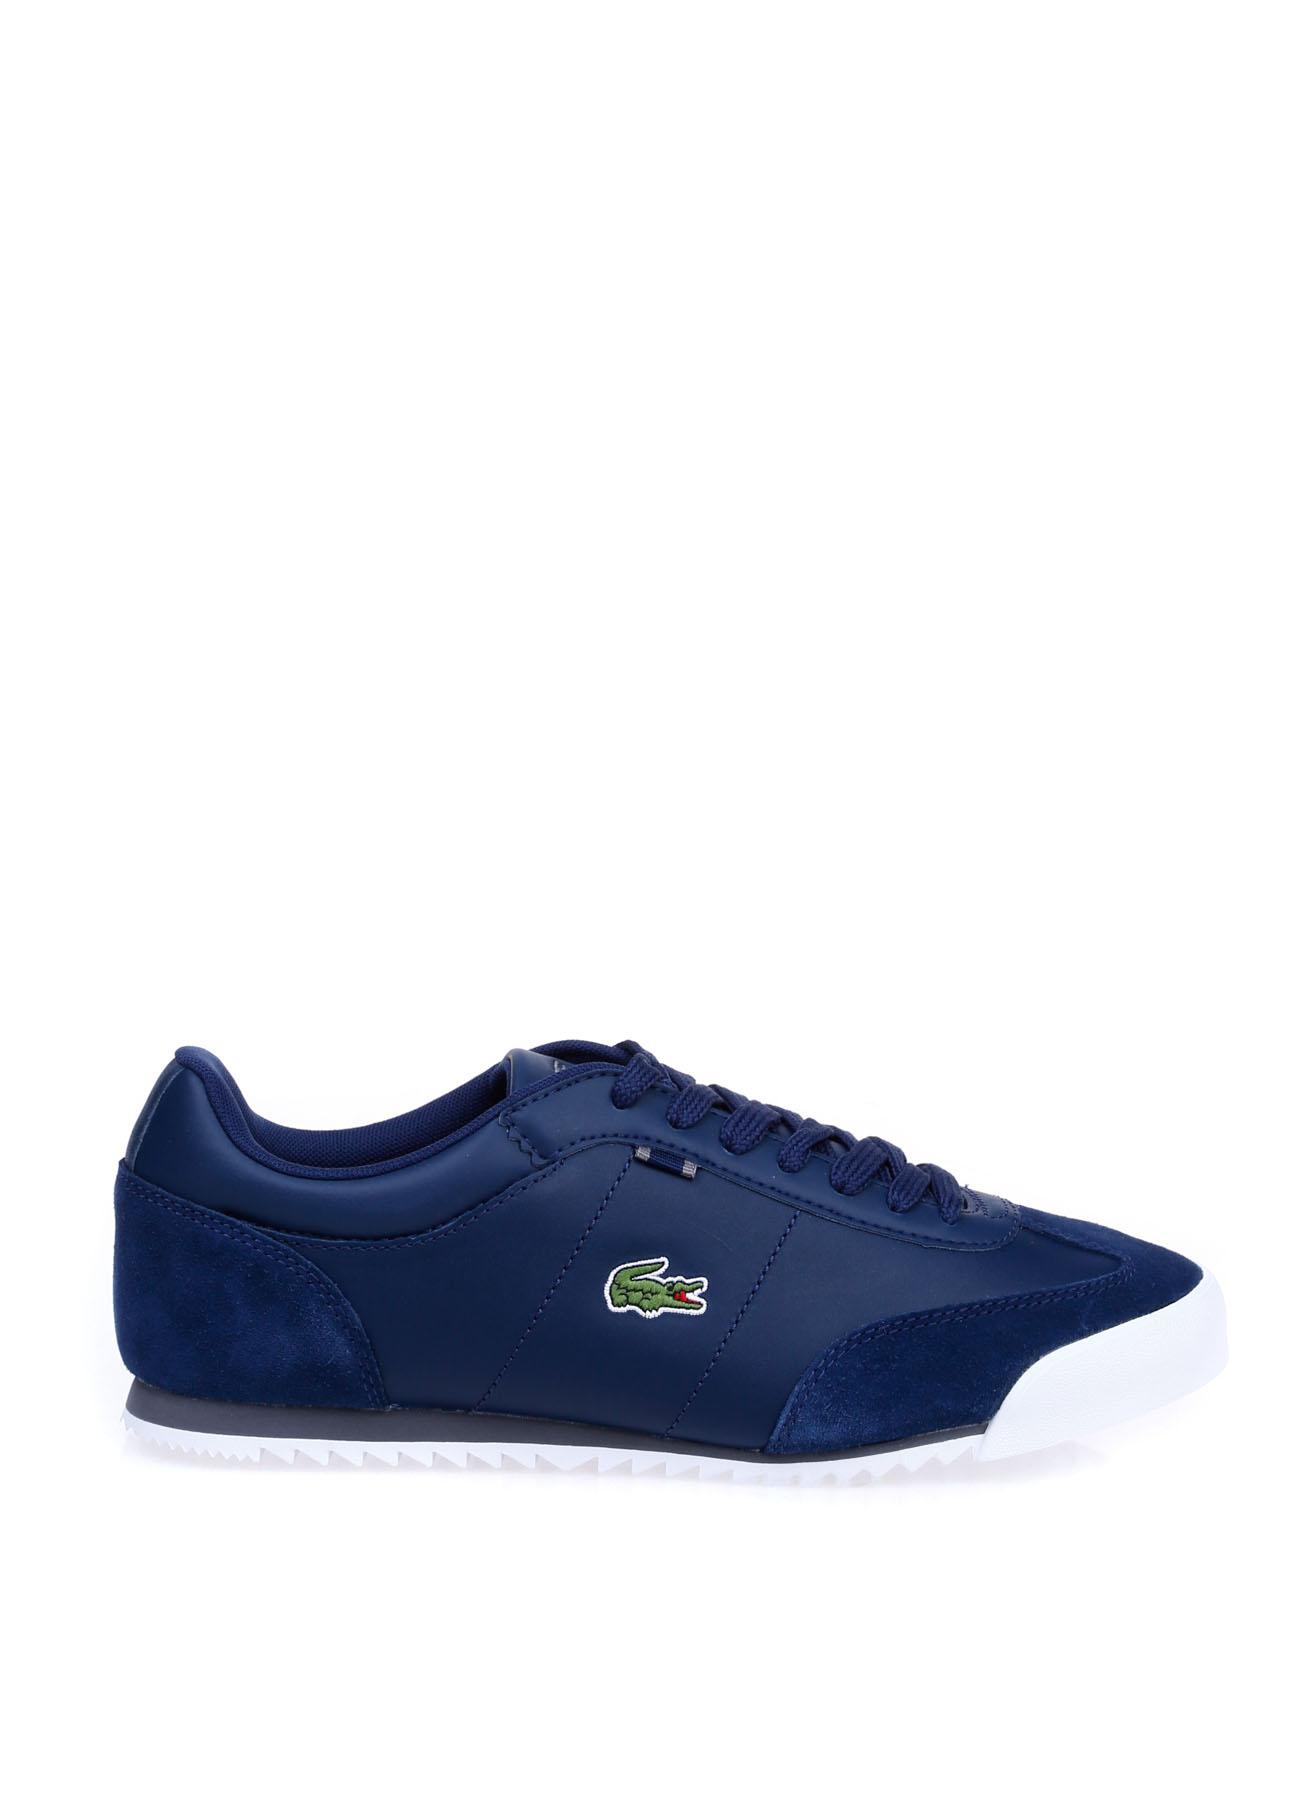 Lacoste Erkek Deri Mavi Lifestyle Ayakkabı 44 5002314213006 Ürün Resmi